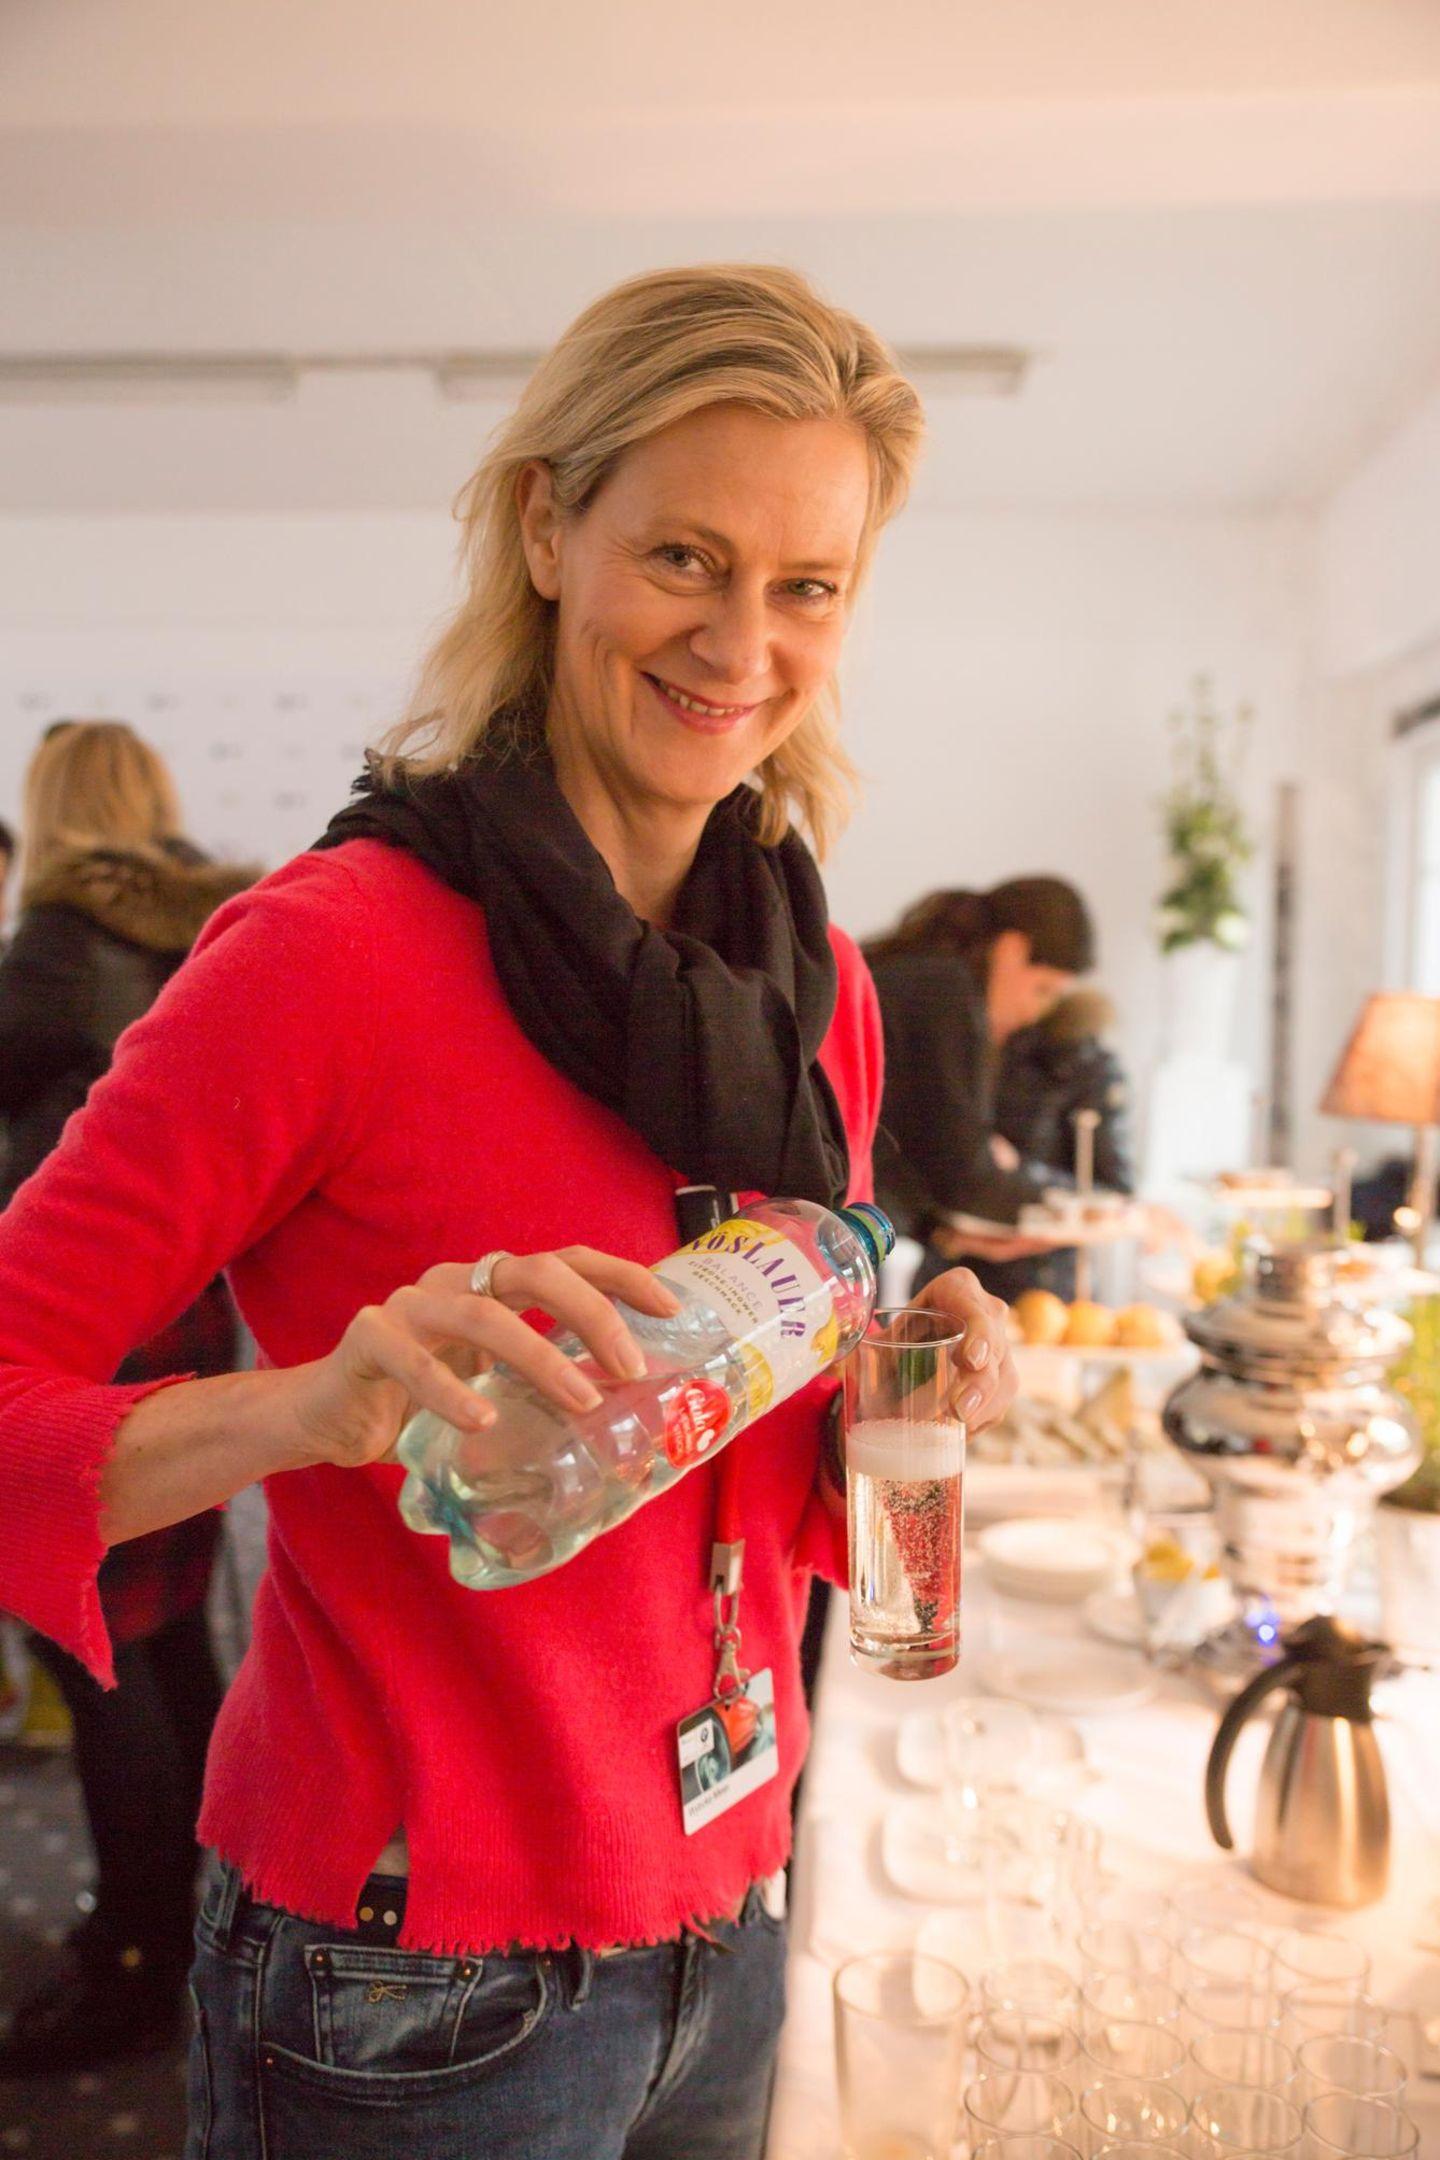 Wybcke Meier (TUI Cruises)erfrischt sich in der Pause mit Vöslauer Balance Juicy.